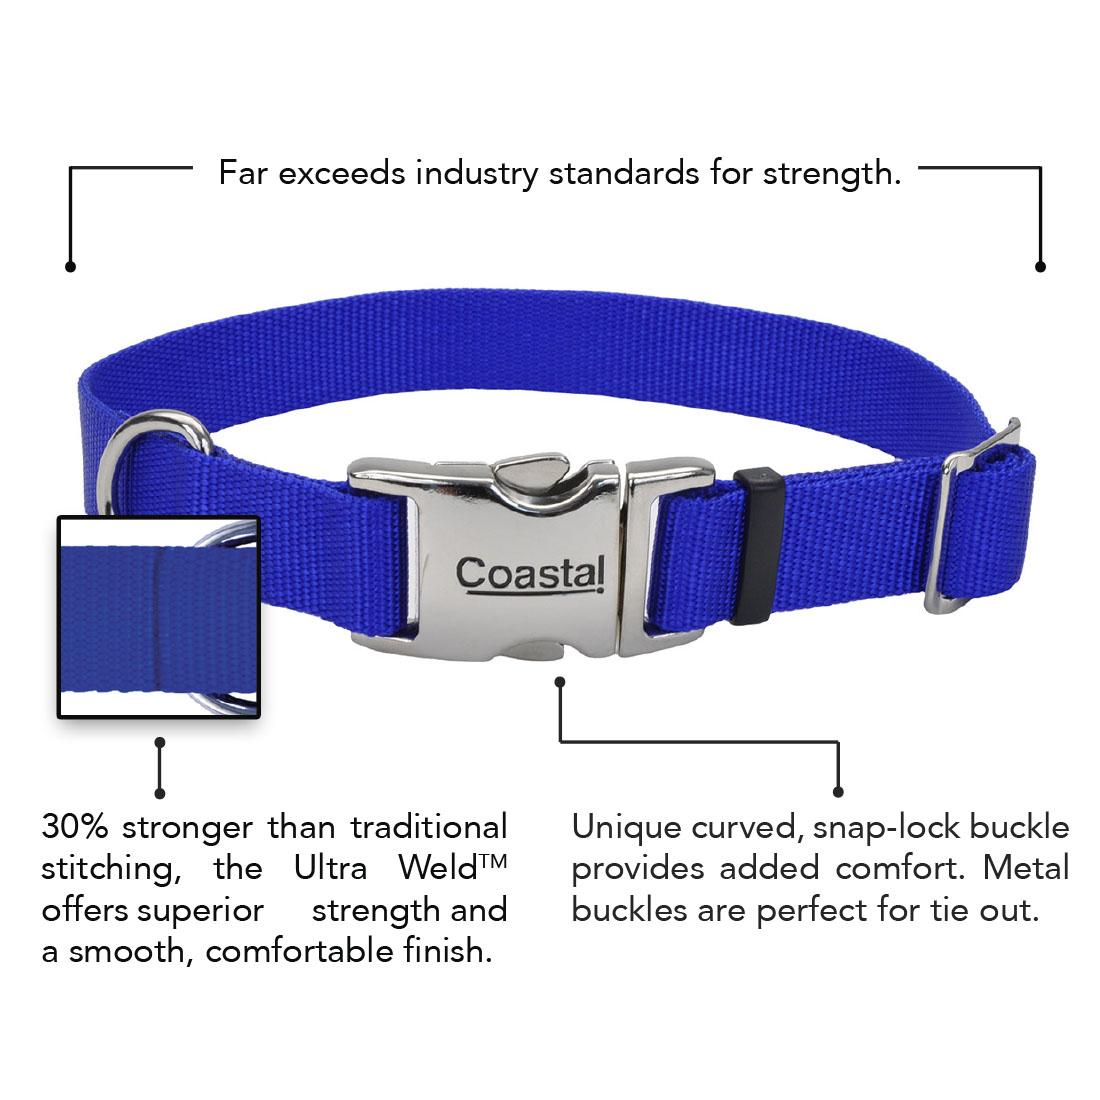 Coastal® Adjustable Dog Collar with Metal Buckle